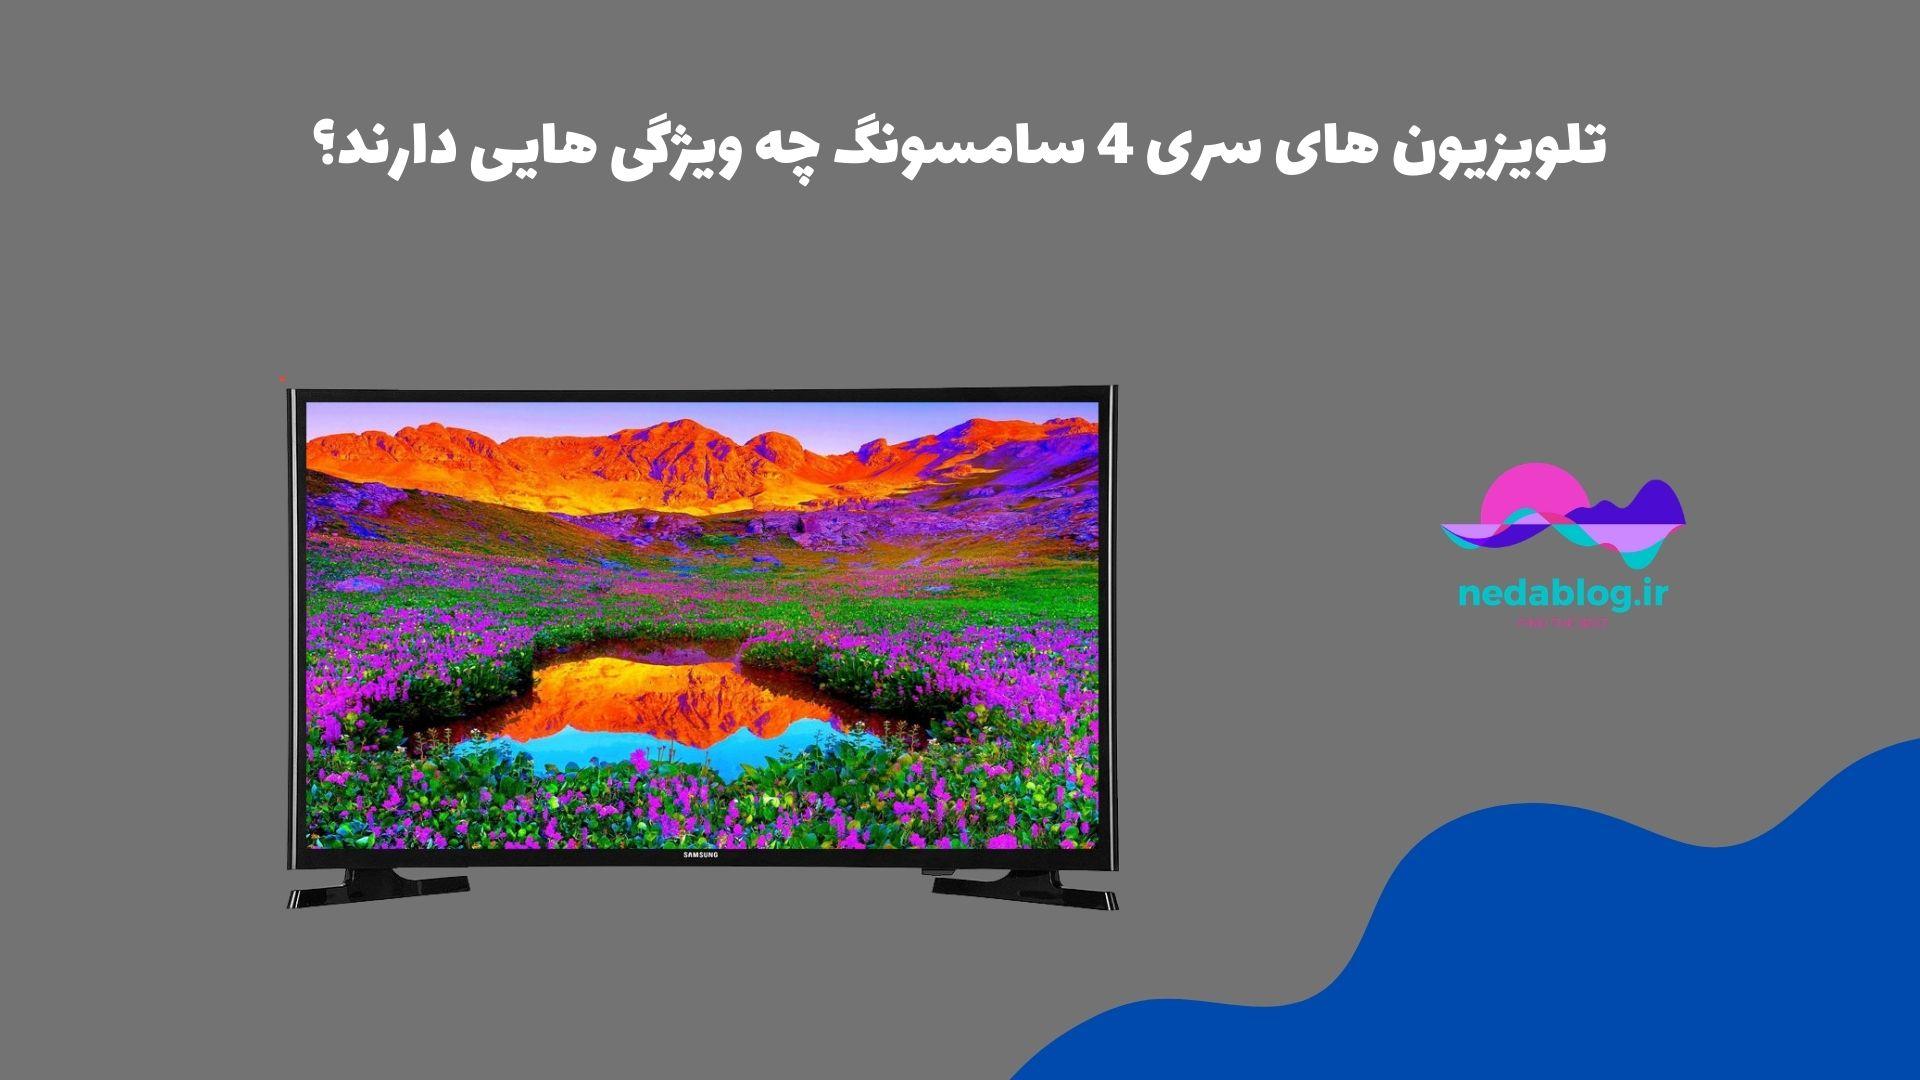 تلویزیون های سری 4 سامسونگ چه ویژگی هایی دارند؟